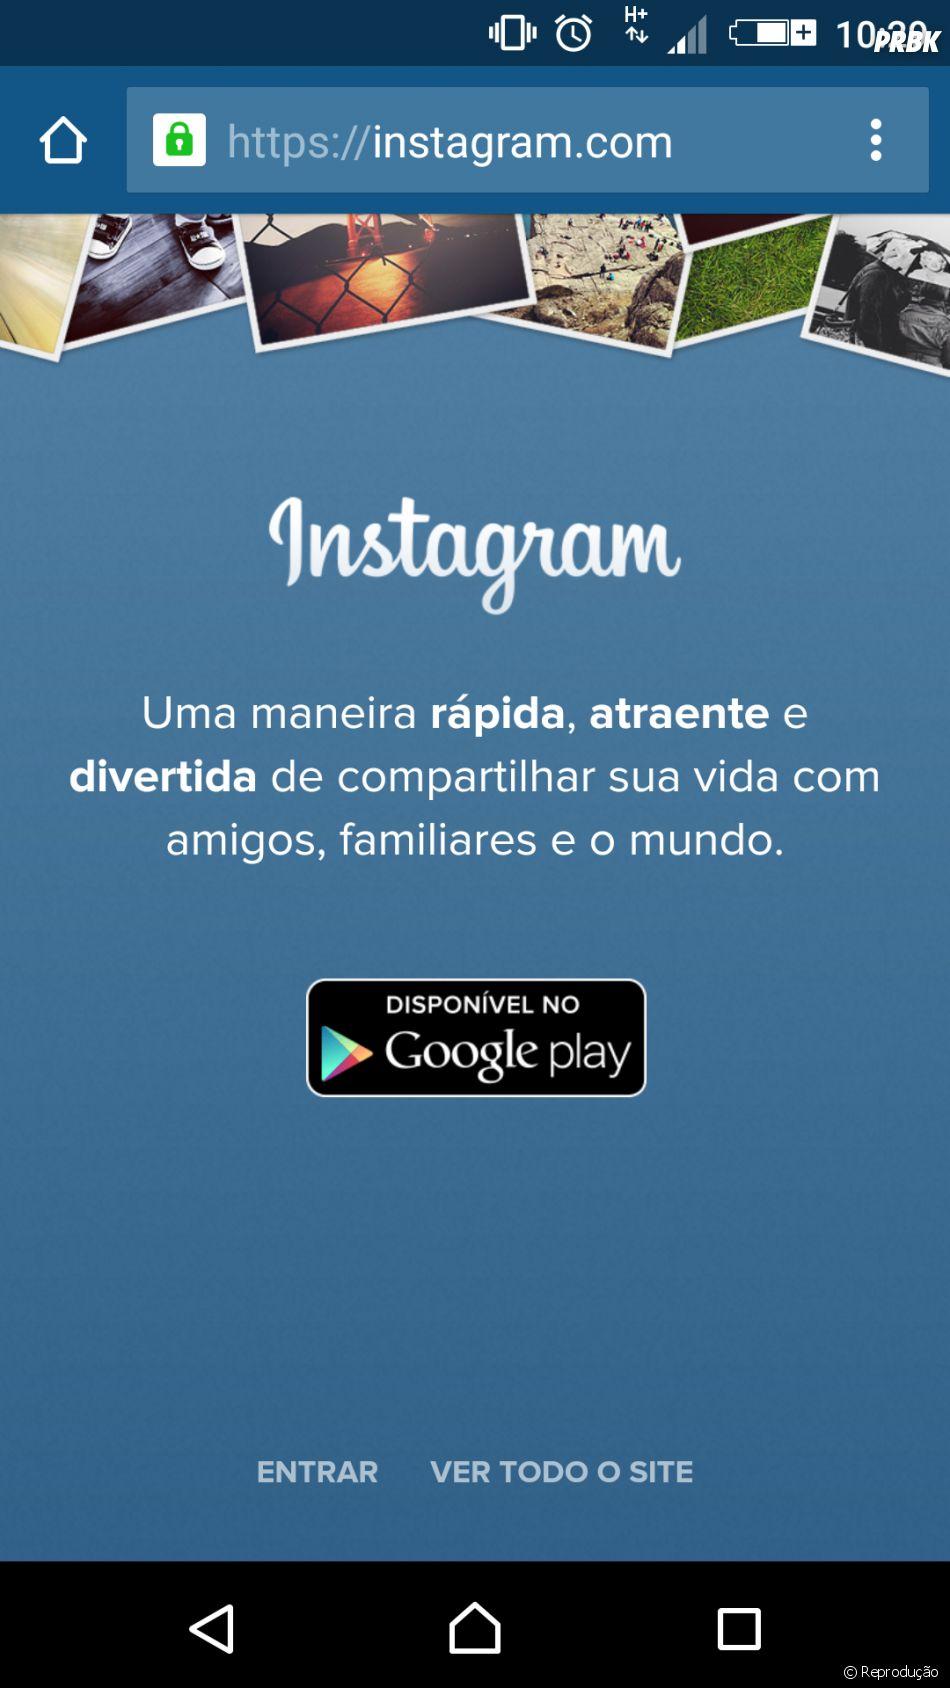 Uma dica para não ver anúncios no Instagram: basta acessar o feed pelo navegador do celular